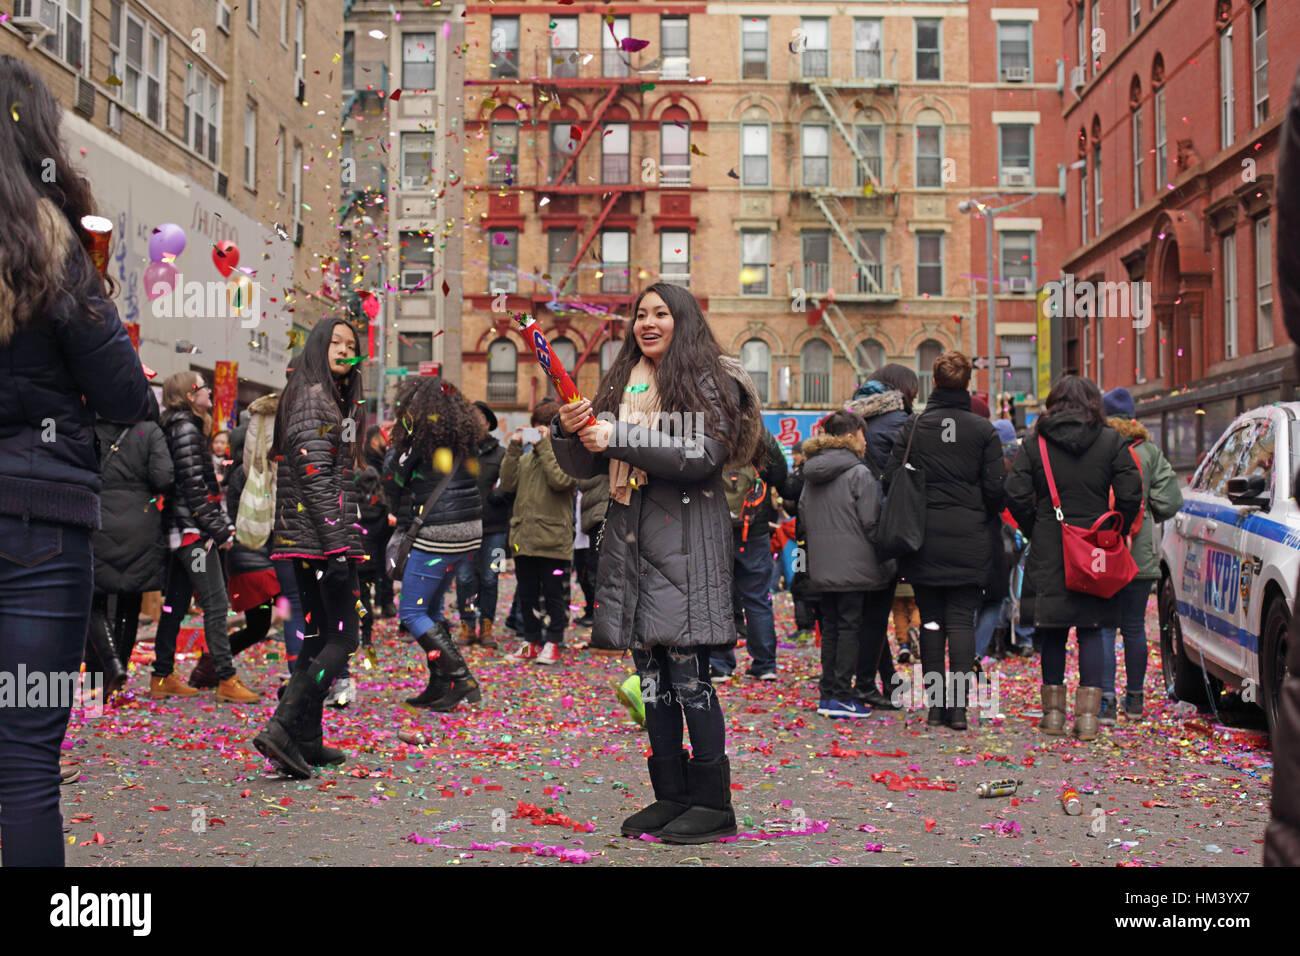 Mädchen-Shootings aus Riesen-Party Popper, Konfetti und Glitzer Wurf eine NYC Chinatown Straße am ersten Tag des Stockfoto